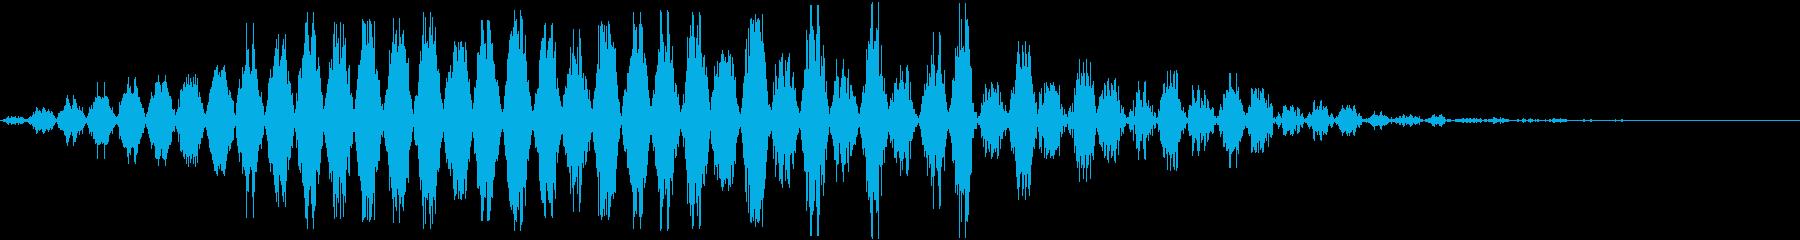 音楽効果;シンセサイザーコードボタ...の再生済みの波形